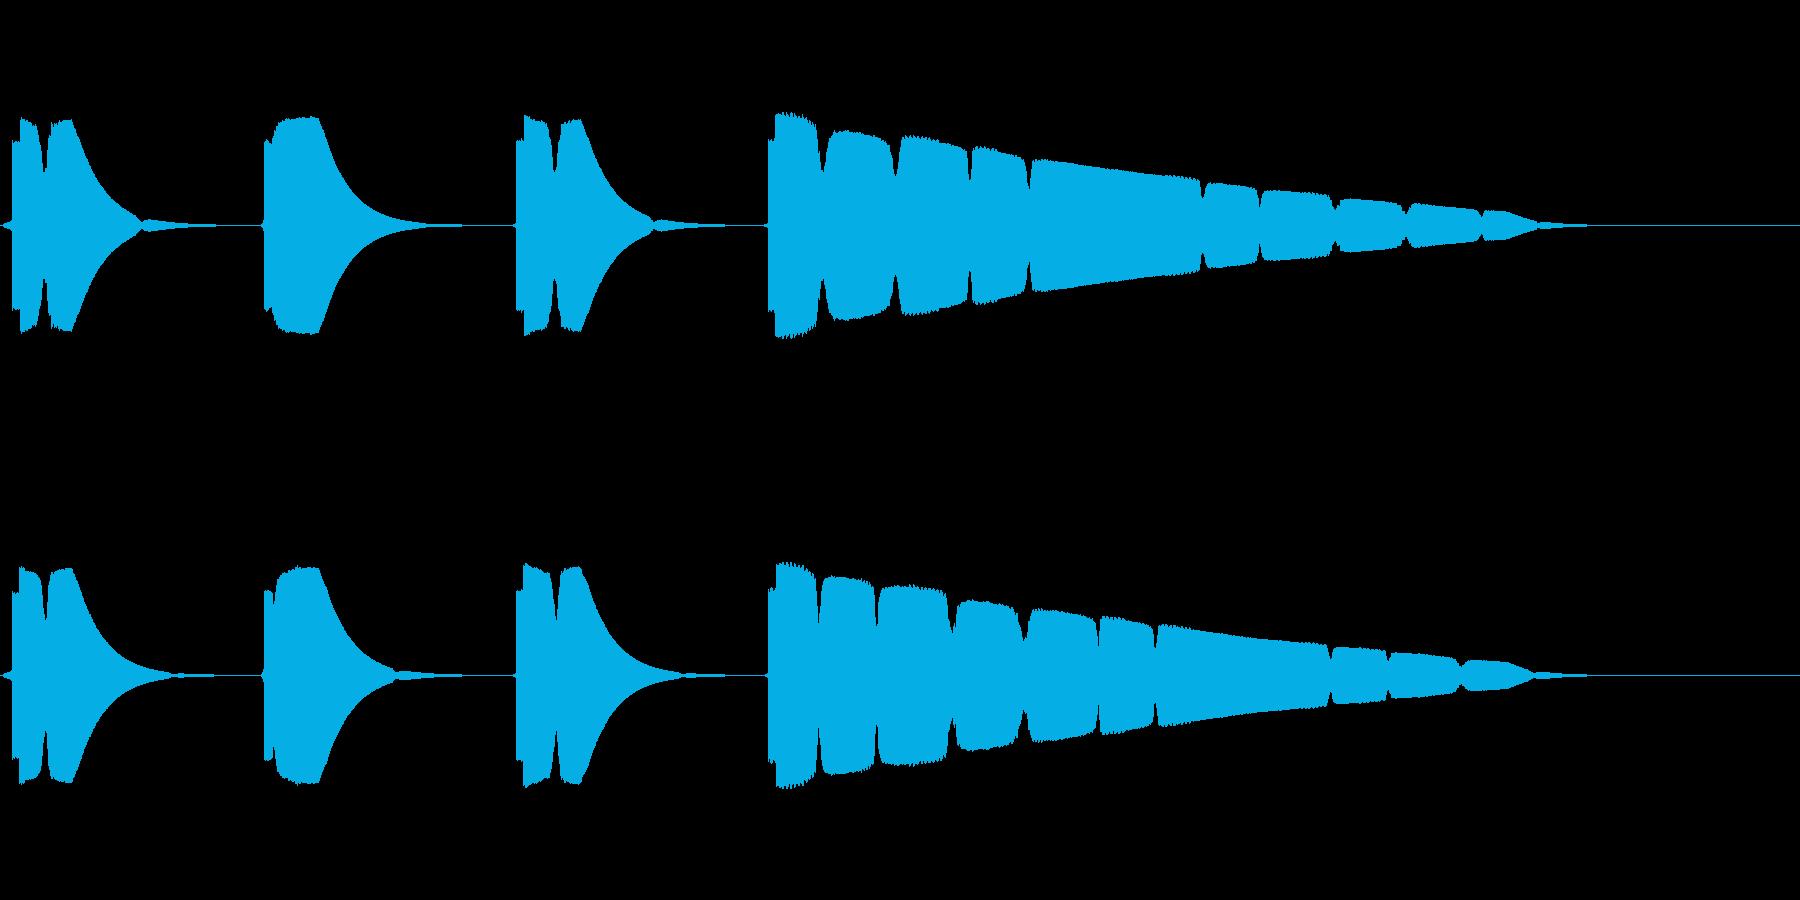 プップップッポーン(カウント音、早め)の再生済みの波形